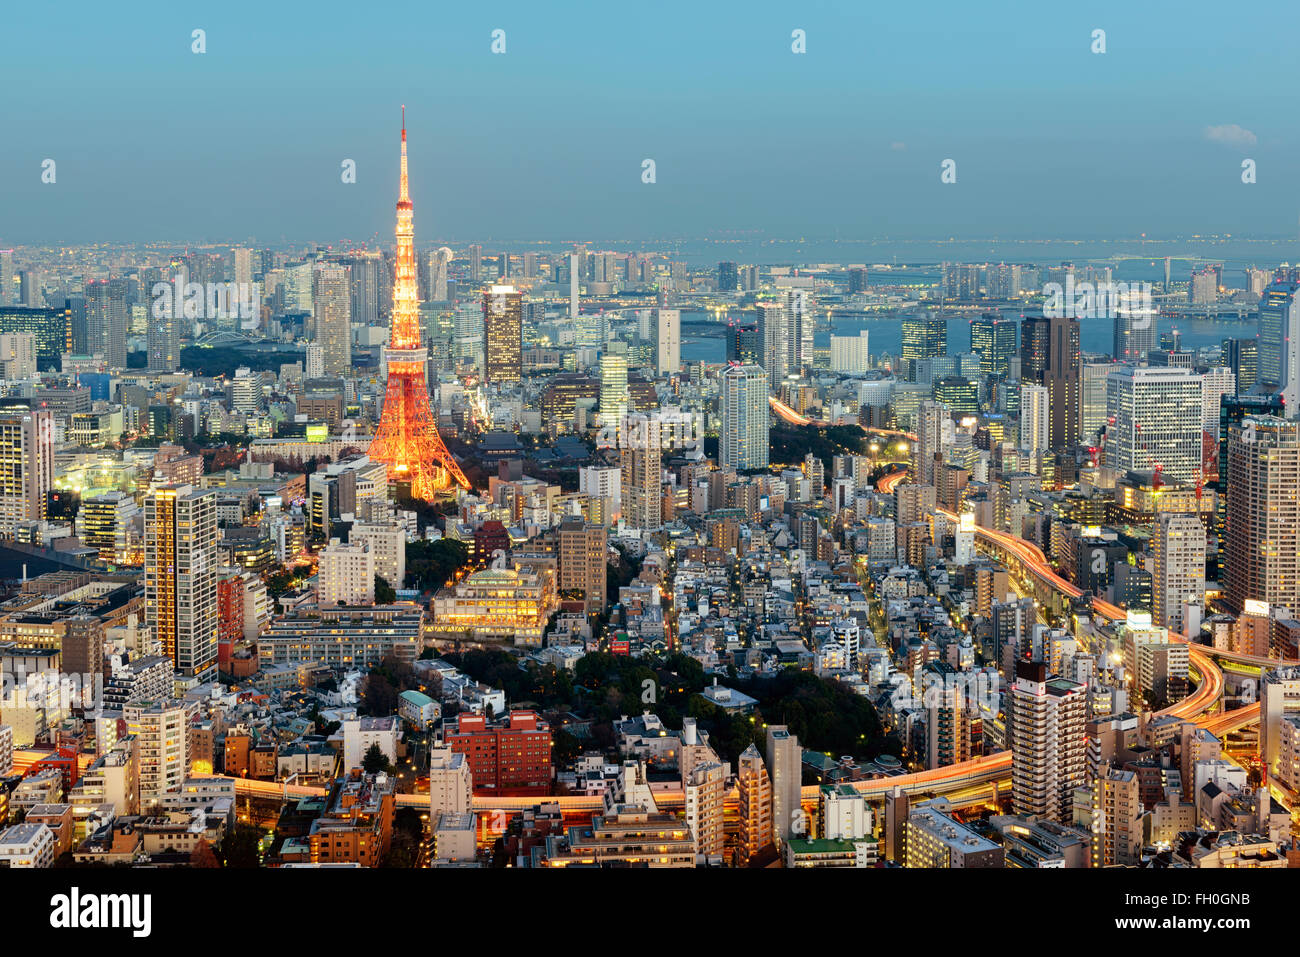 Tokyo, Giappone - 14 gennaio; 2016: vista notturna di Tokyo con la mitica Torre di Tokyo in background. Immagini Stock